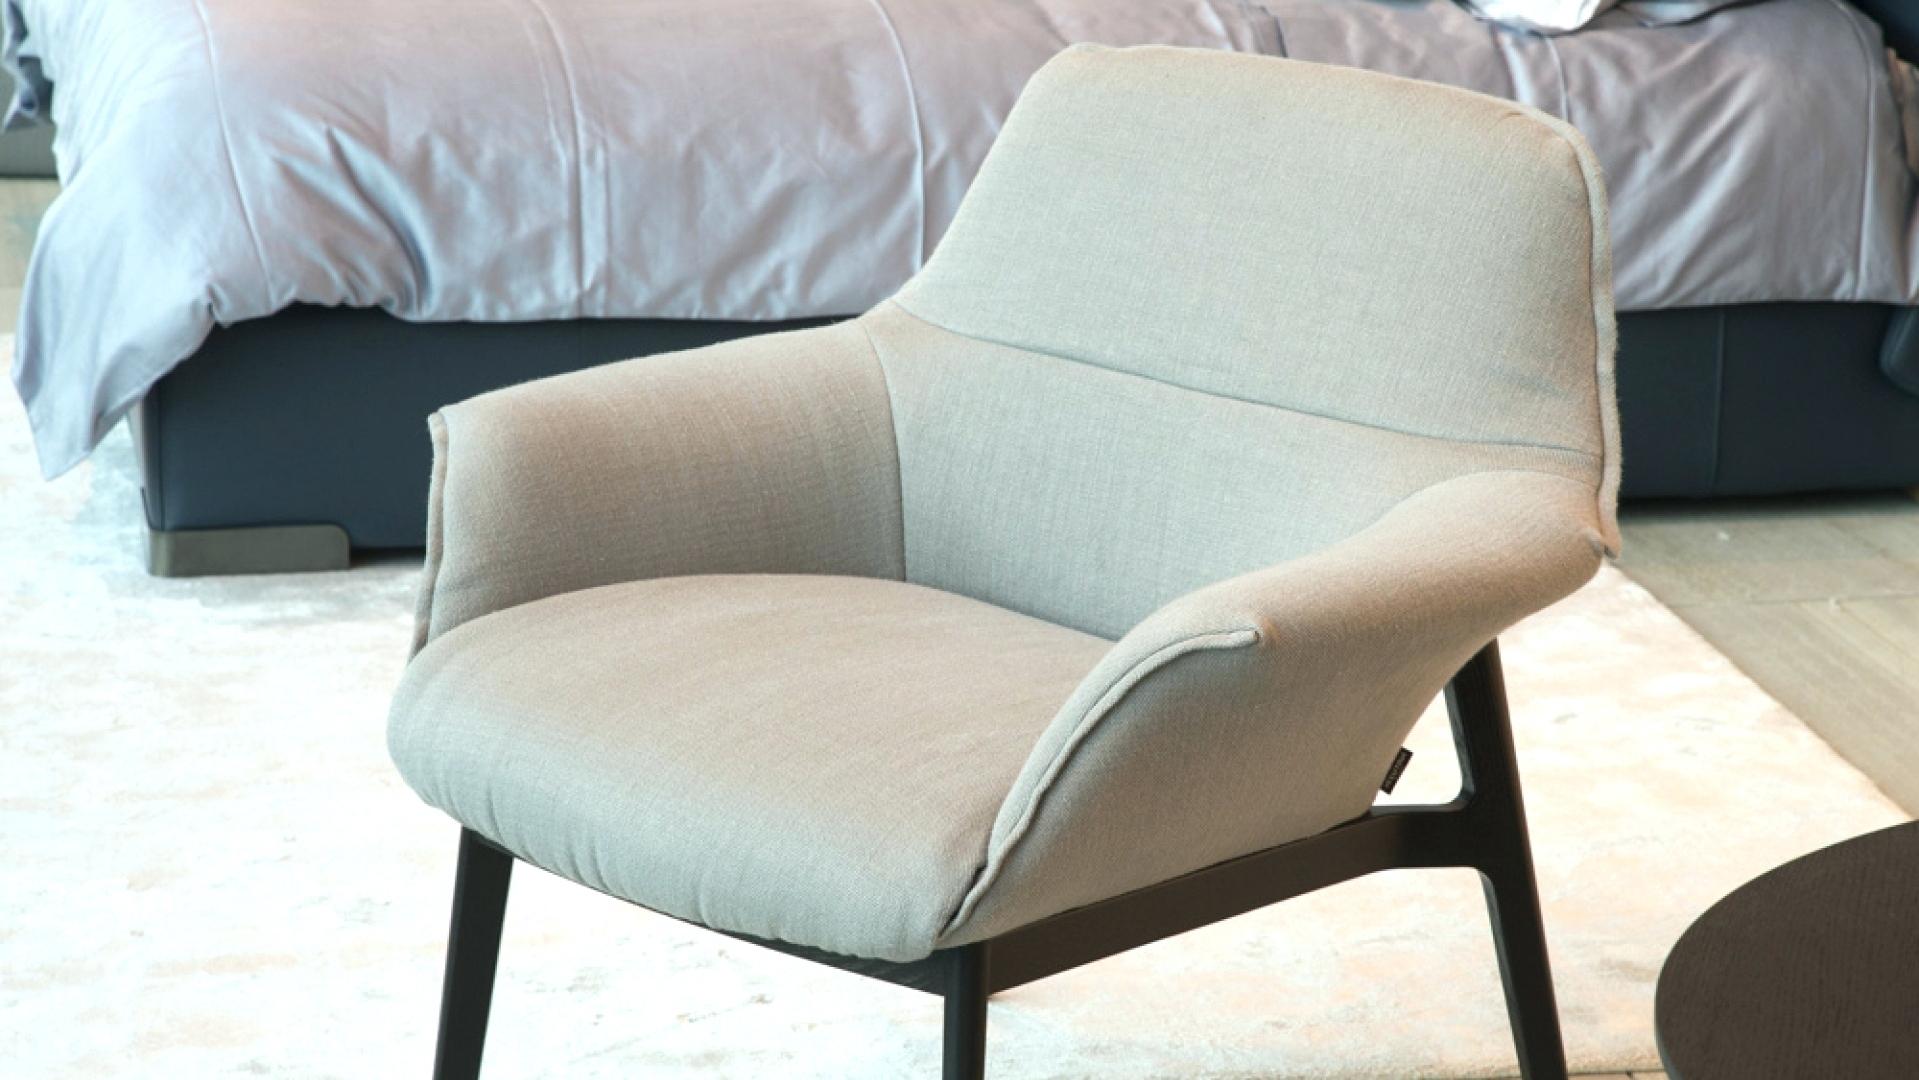 Fashionable Natuzzi Re Vive Lounge Chair And Stool Natuzzi Leather Lounge With Natuzzi Zeta Chaise Lounge Chairs (View 6 of 15)